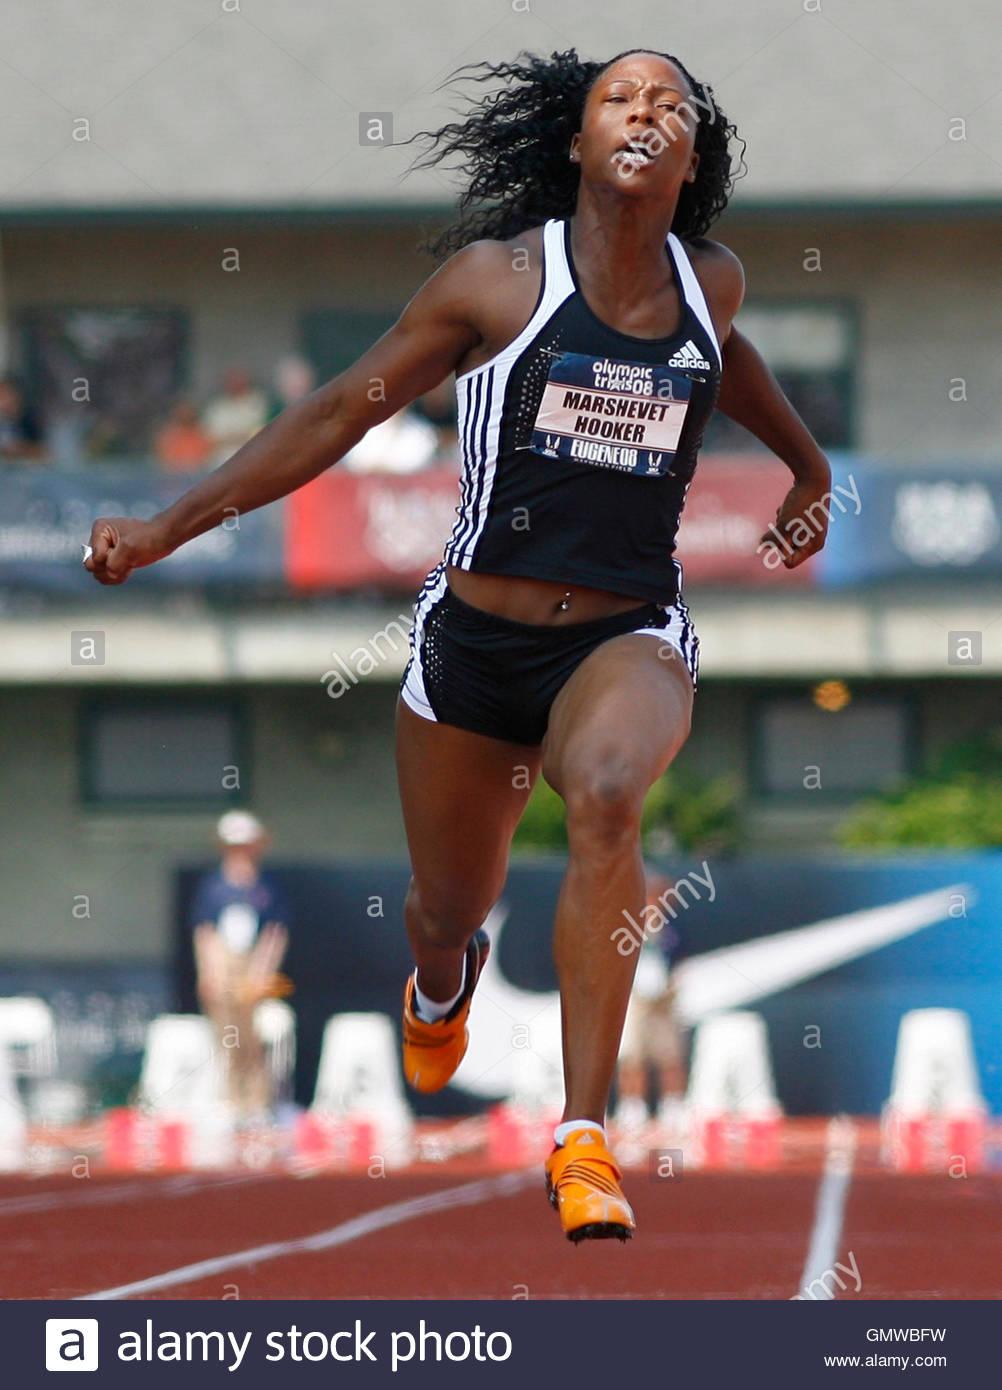 Marshevet Hooker Crosses The Finish Line To Win Her Women's 100 ...